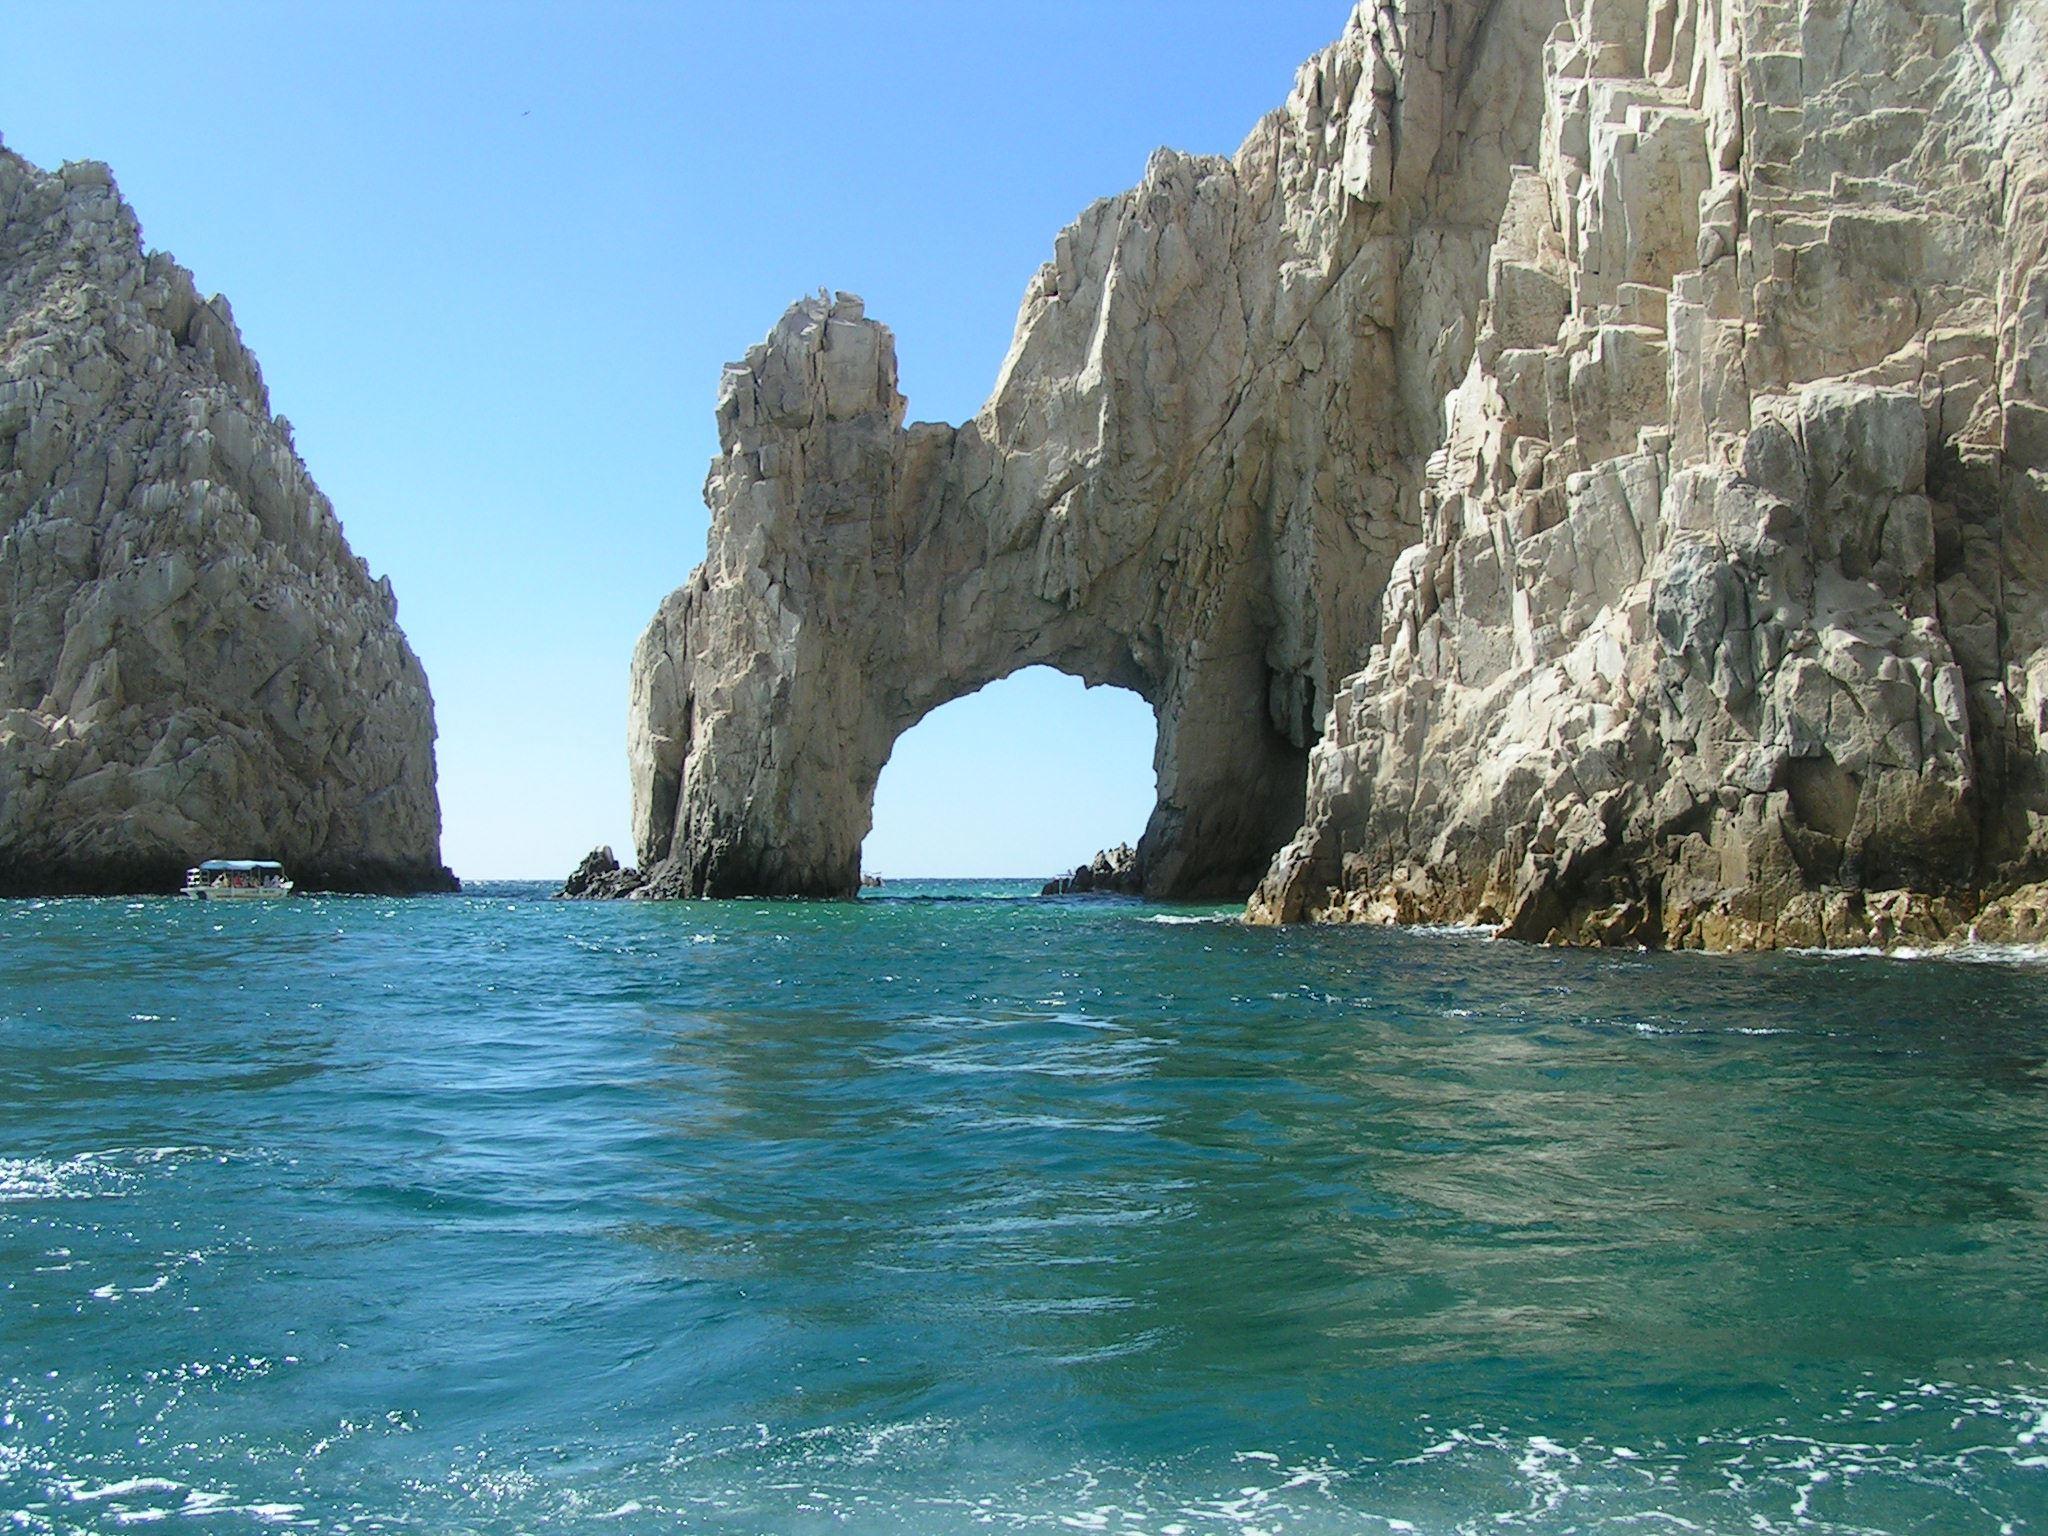 lover's beach - cabo san lucas, mexico image